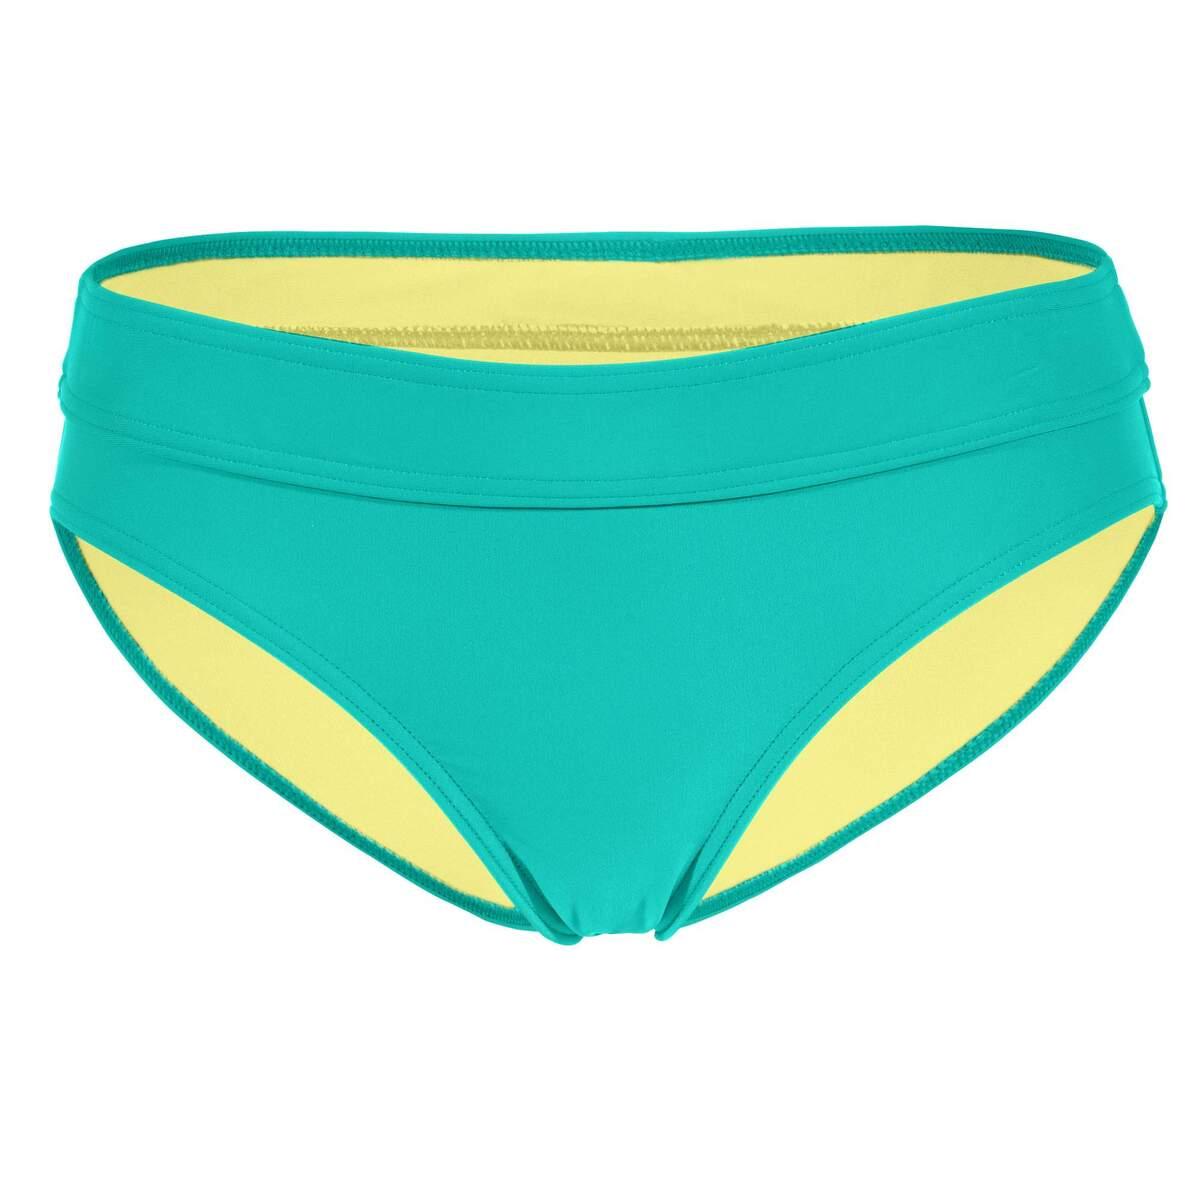 Bild 1 von Prana RAMBA BOTTOM Frauen - Bikini